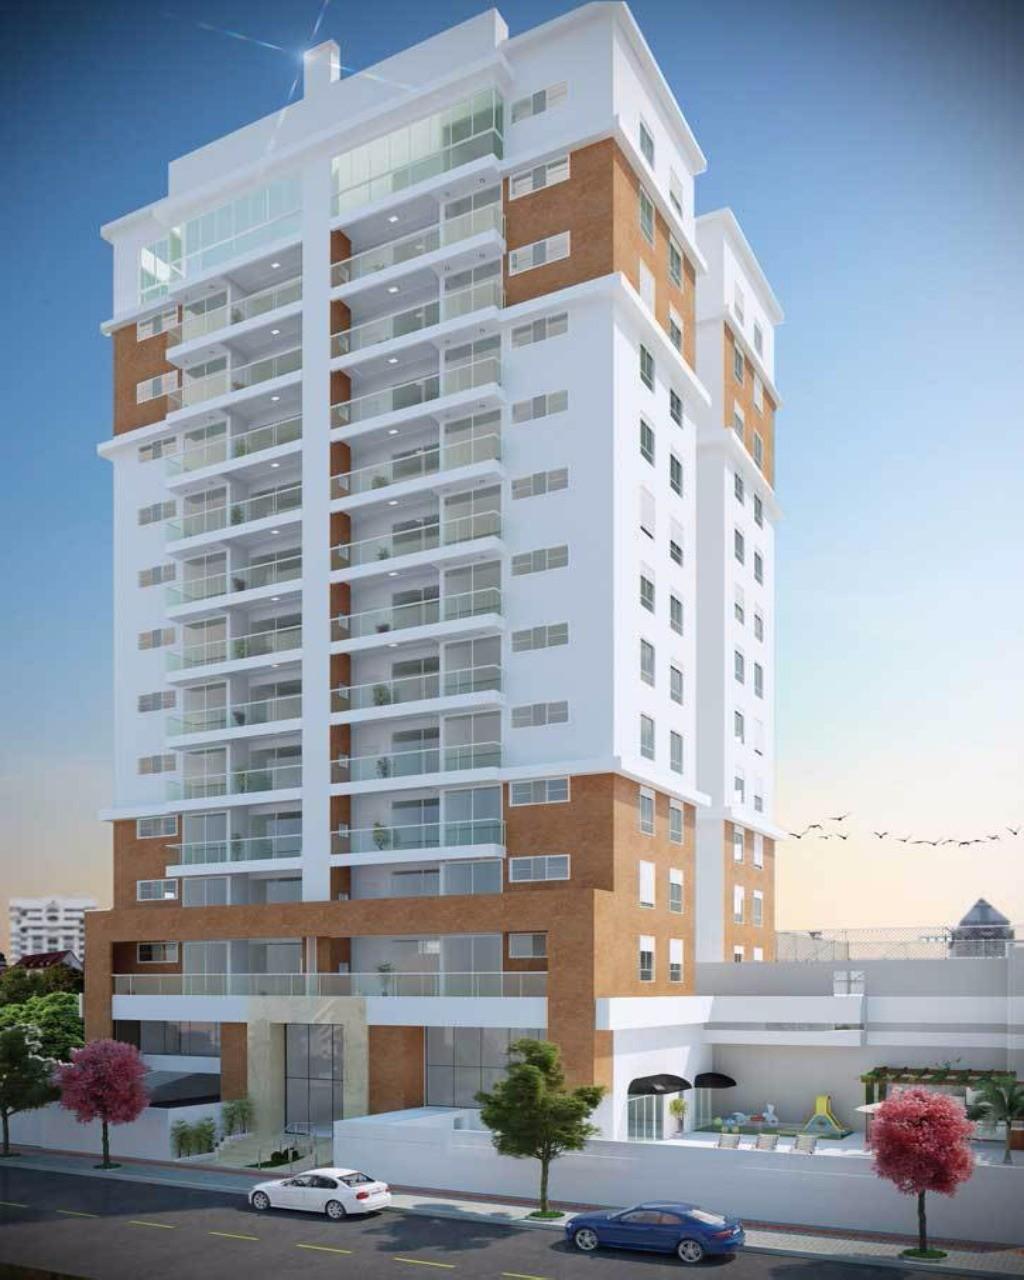 comprar ou alugar apartamento no bairro saguacu na cidade de joinville-sc